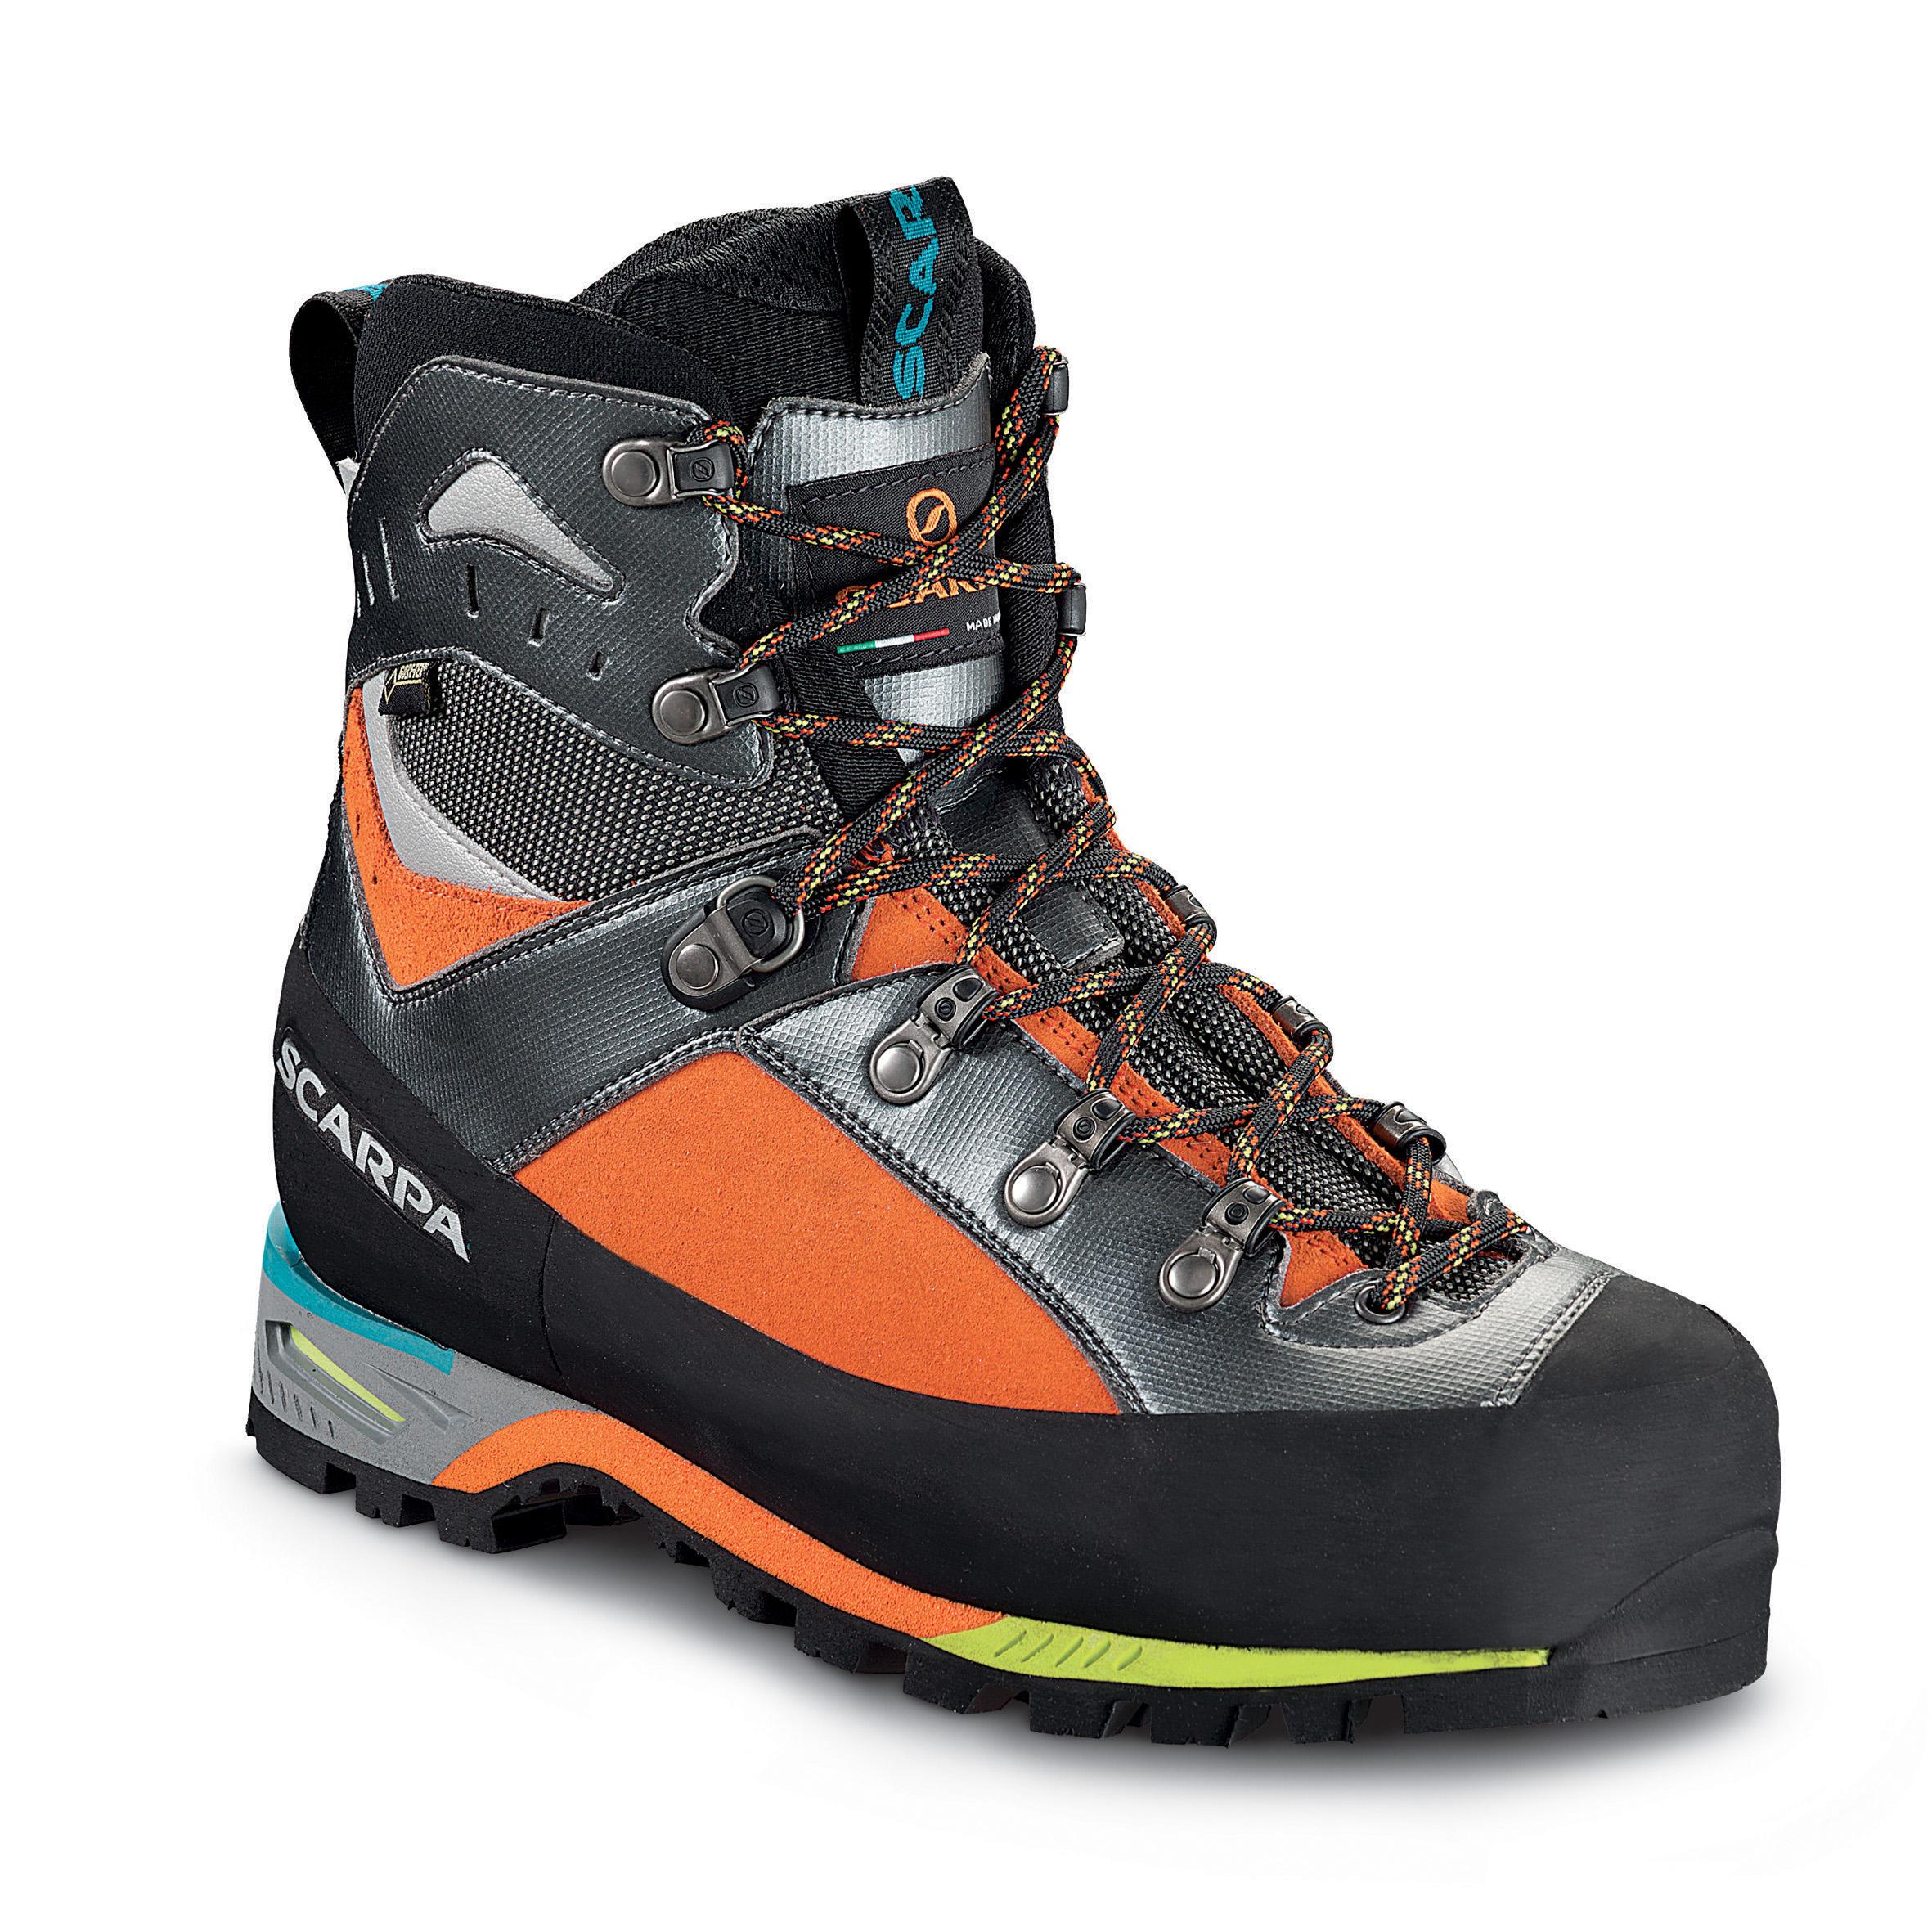 Bergschuh Triolet steigeisenfest GTX | Schuhe > Outdoorschuhe > Bergschuhe | Gummi - Pu | Scarpa